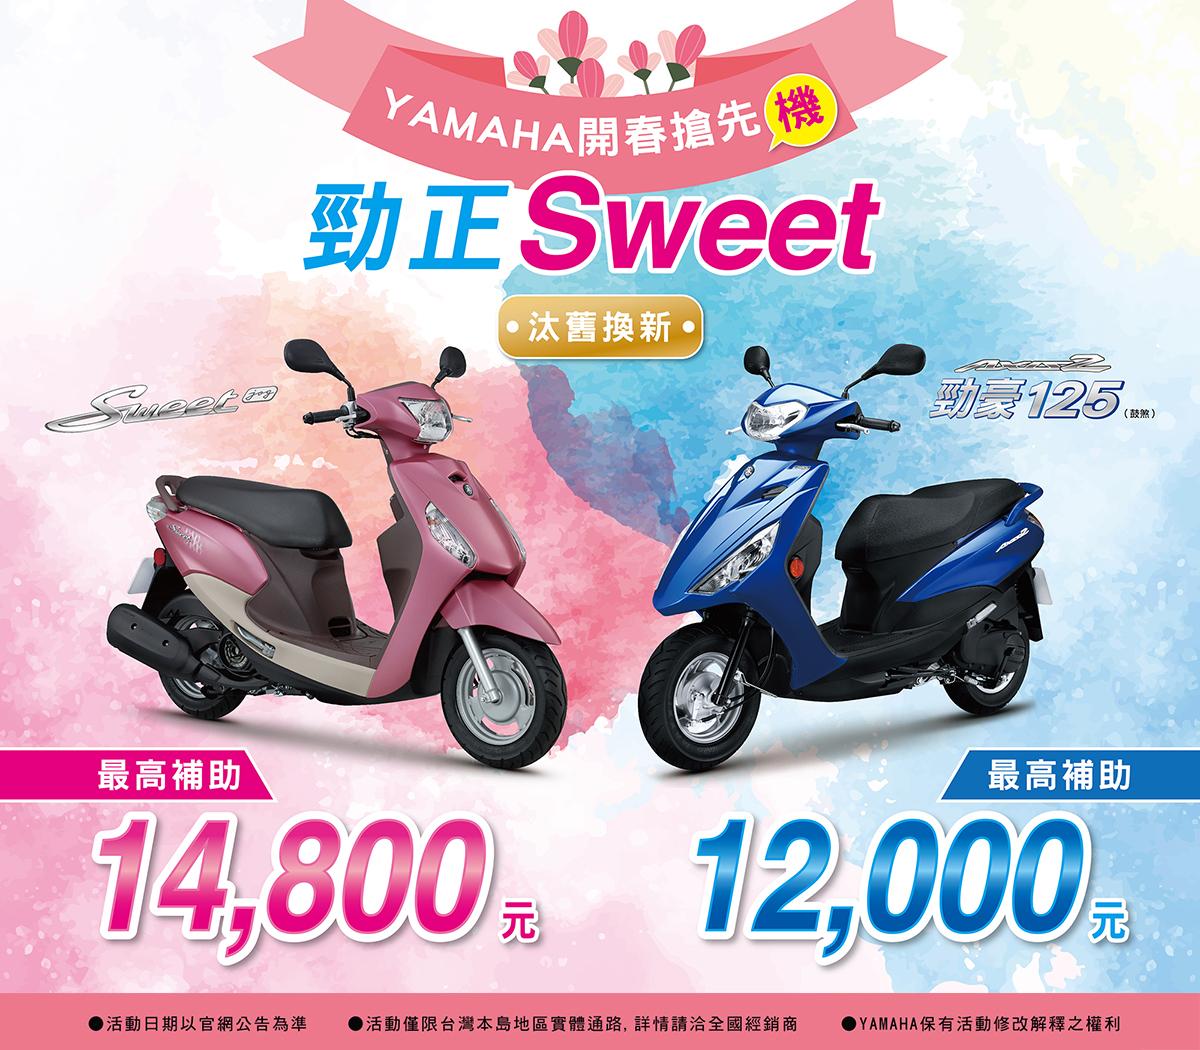 AxisZ_Sweet_big02